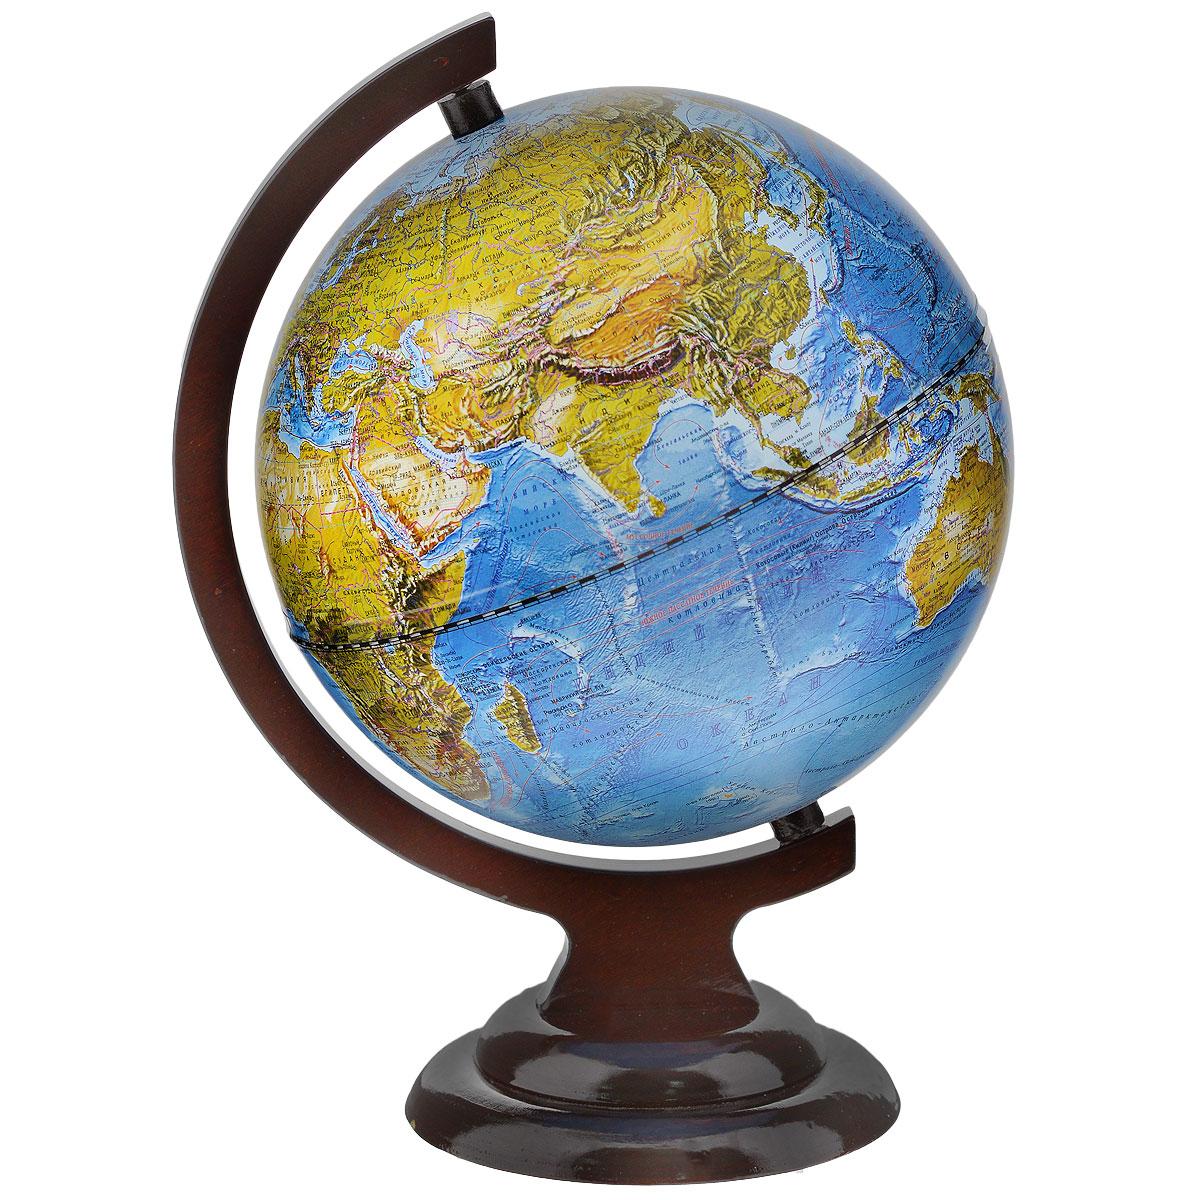 Глобусный мир Ландшафтный глобус, диаметр 21 см, на деревянной подставкеFS-00897Ландшафтный глобус Глобусный мир, изготовленный из высококачественного прочного пластика.Данная модель предназначена для ознакомления с особенностями ландшафта нашей планеты. Помимо этого ландшафтный глобус обладает приятной цветовой гаммой. Глобус дает представление о местоположении материков и океанов, на нем можно рассмотреть особенности ландшафта нашей планеты (рельефы местности, леса, горы, реки, моря, структуру дна океанов, рельеф суши), можно увидеть графическое изображение географических меридианов и параллелей, гидрографическая сеть, а также крупнейшие населенные пункты. На глобусе имеются направления и названия подводных течений. Названия стран на глобусе приведены на русской язык. Изделие расположено на красивой деревянной подставке, что придает этой модели подарочный вид.Настольный глобус Глобусный мир станет оригинальным украшением рабочего стола или вашего кабинета. Это изысканная вещь для стильного интерьера, которая станет прекрасным подарком для современного преуспевающего человека, следующего последним тенденциям моды и стремящегося к элегантности и комфорту в каждой детали.Масштаб: 1:60 000 000.